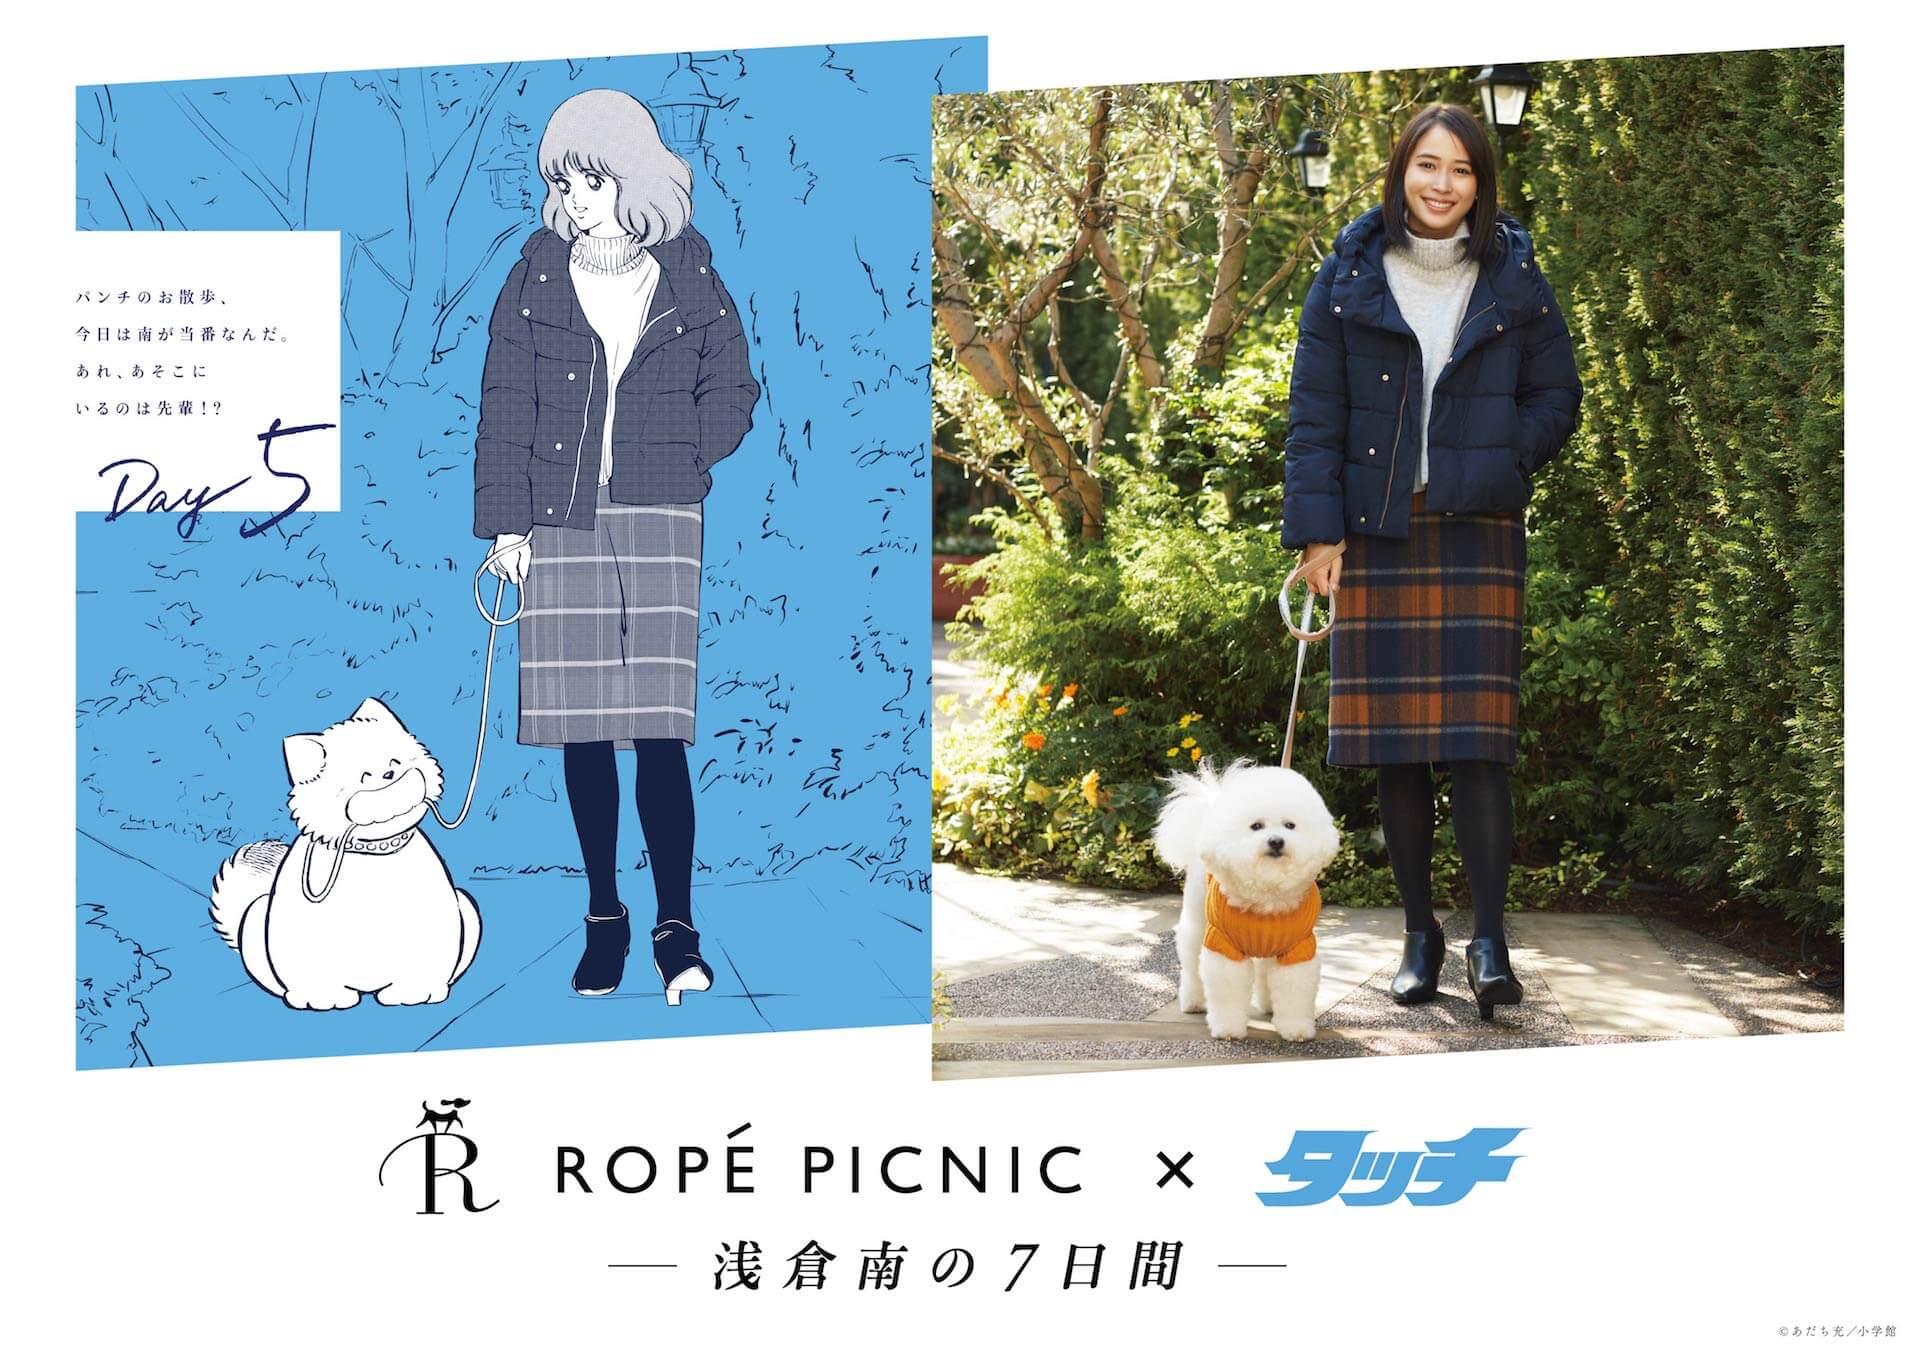 広瀬アリスが「タッチ」南ちゃんに!インタビューでは「かわいいにまっすぐ」なことについて語る life-fashion191125-ropepicnic-hirosealice-6